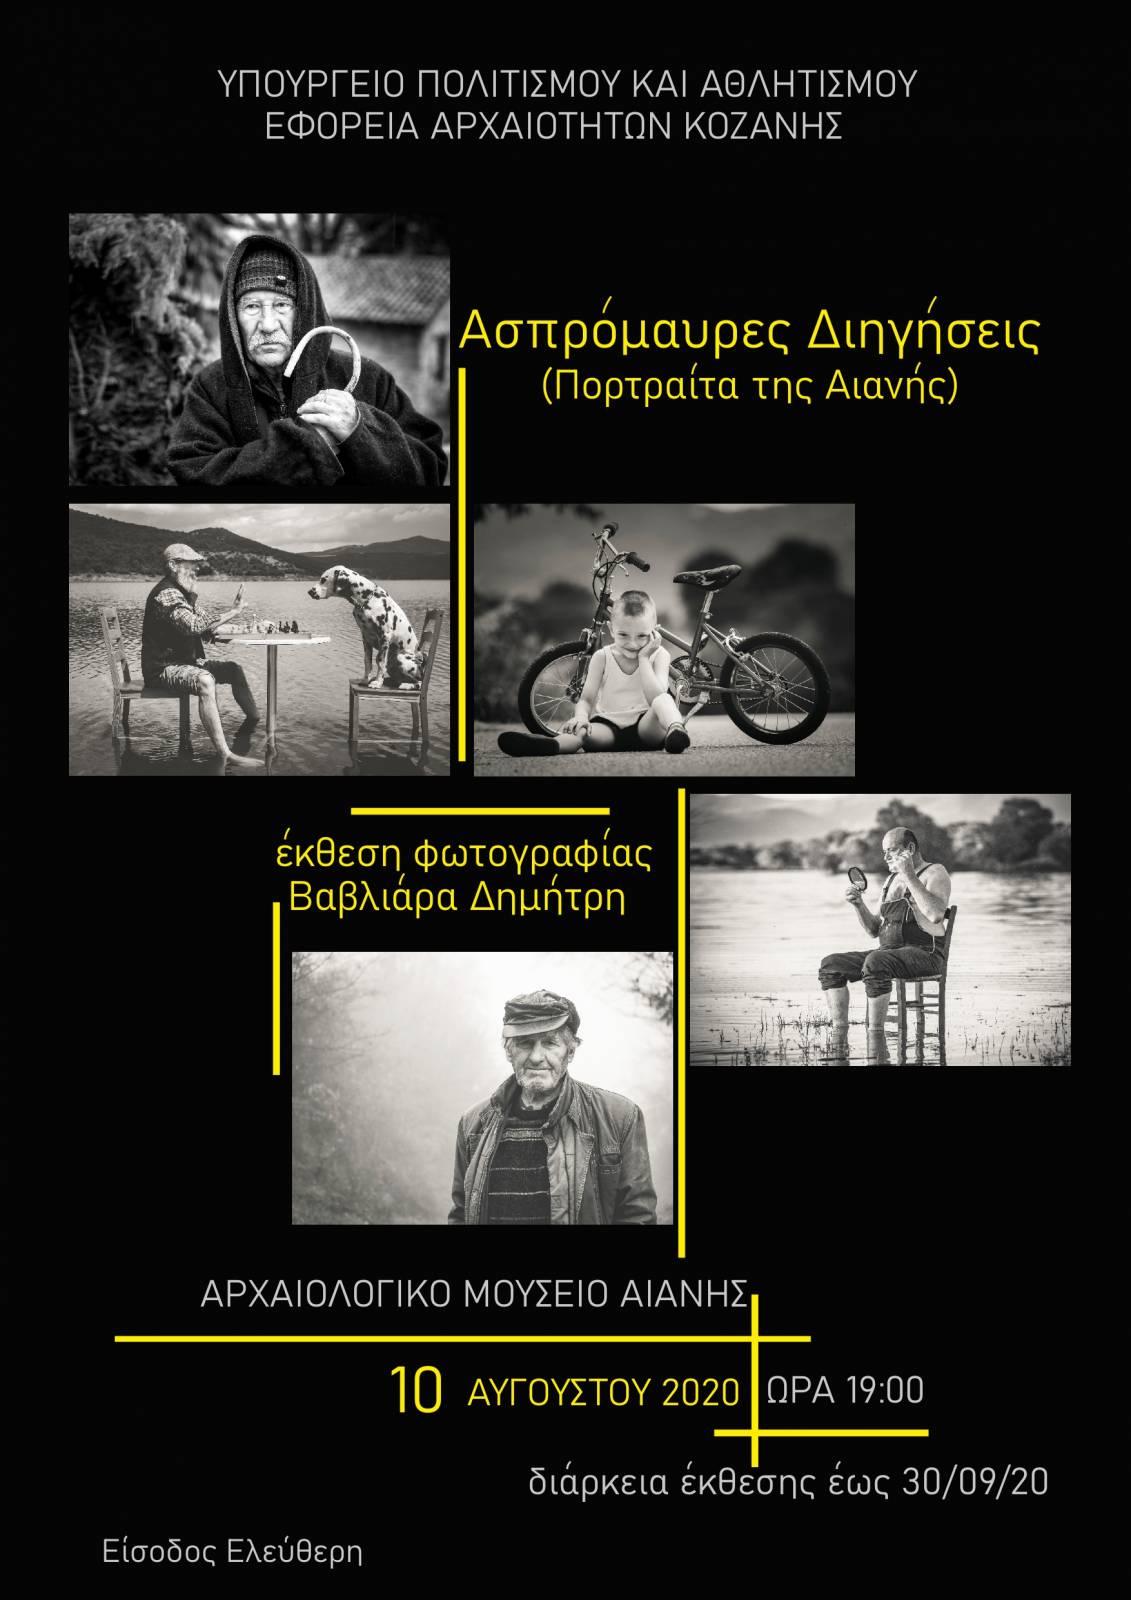 Εγκαίνια για την Έκθεση Φωτογραφίας του Βαβλιάρα Δημήτρη, με τίτλο:«Ασπρόμαυρες διηγήσεις (Πορτραίτα της Αιανής)»